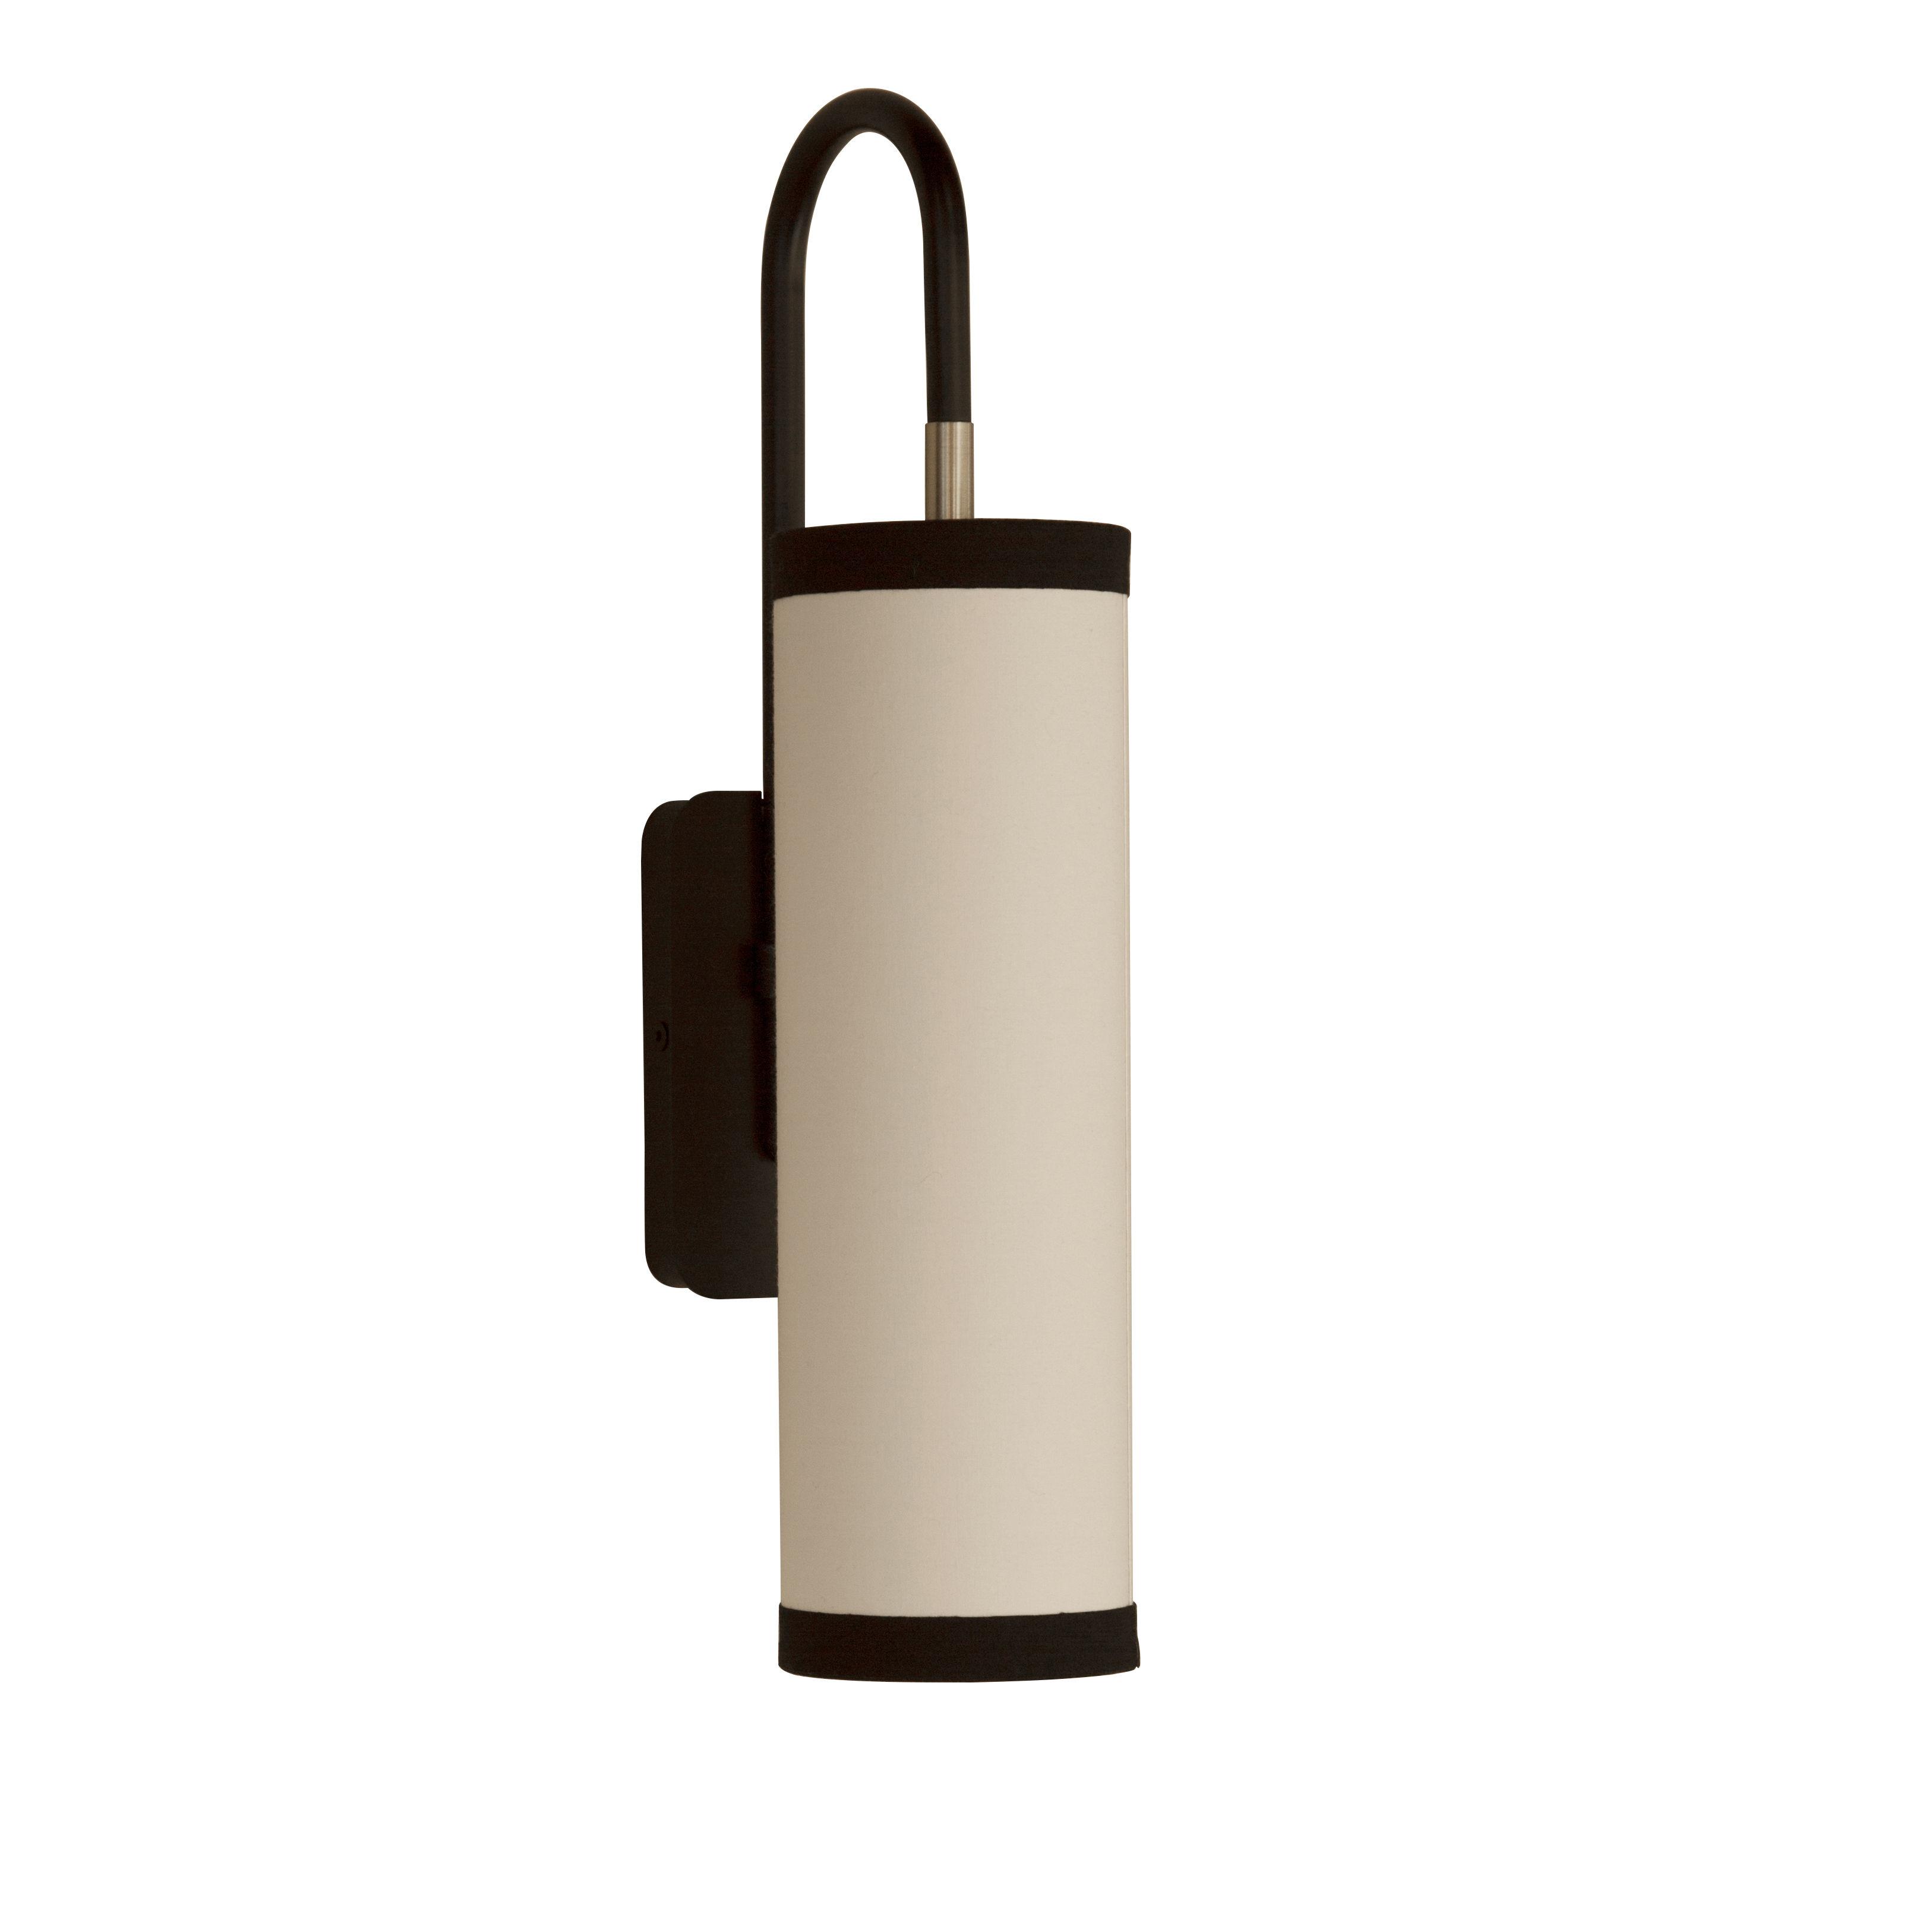 Leuchten - Wandleuchten - Tokyo Wandleuchte / Baumwolle - H 42 cm - Maison Sarah Lavoine - Schwarz / weiß - Baumwolle, thermolackierter Stahl